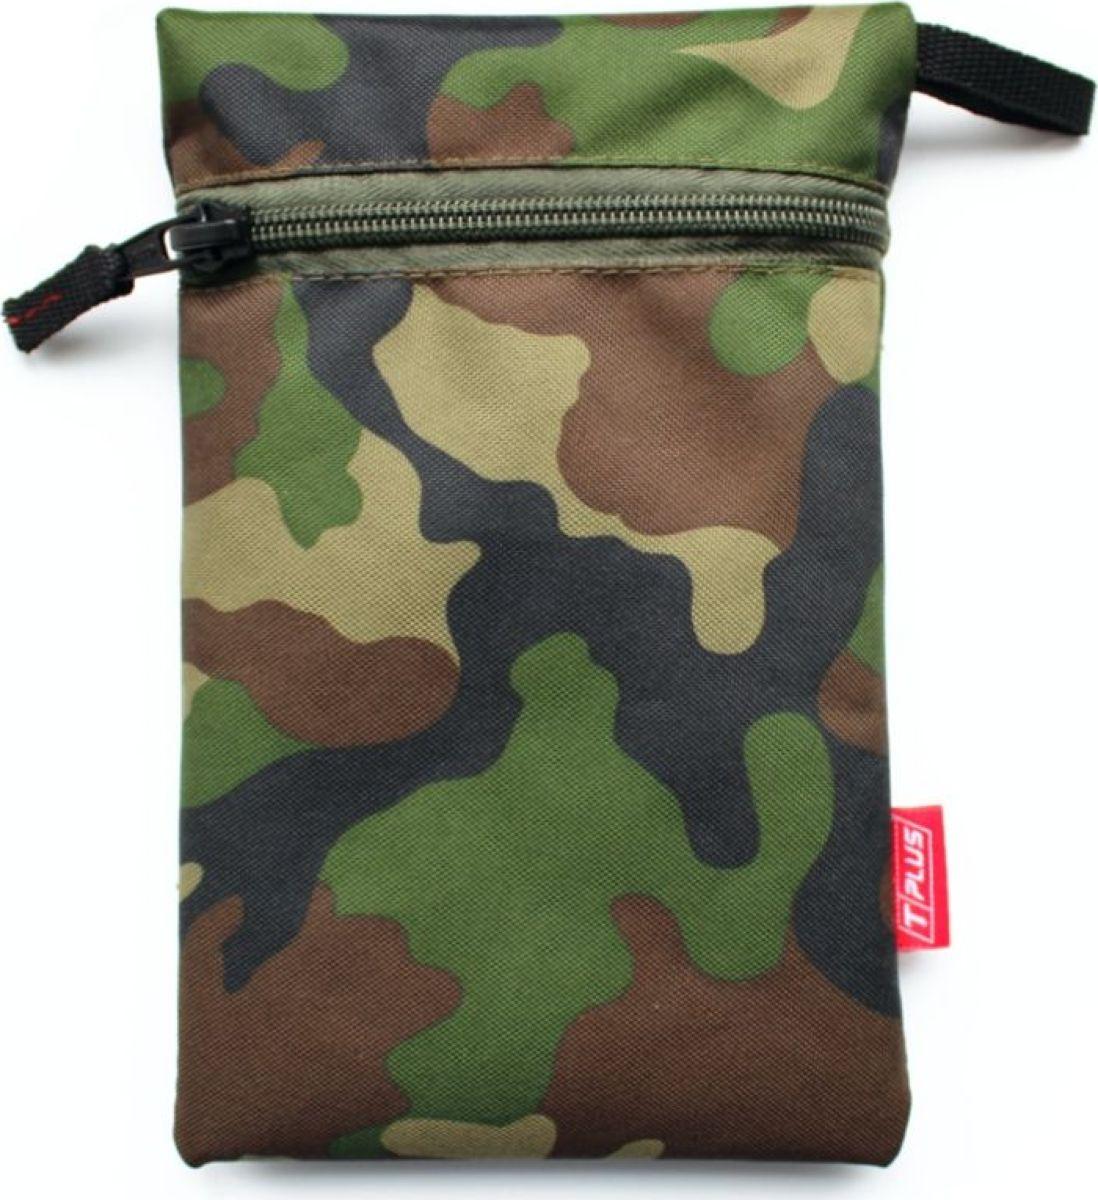 Мешок вещевой Tplus 600, цвет: нато, 13 x 20 см сумка рыбака tplus 600 цвет цифра 40 x 22 x 24 см